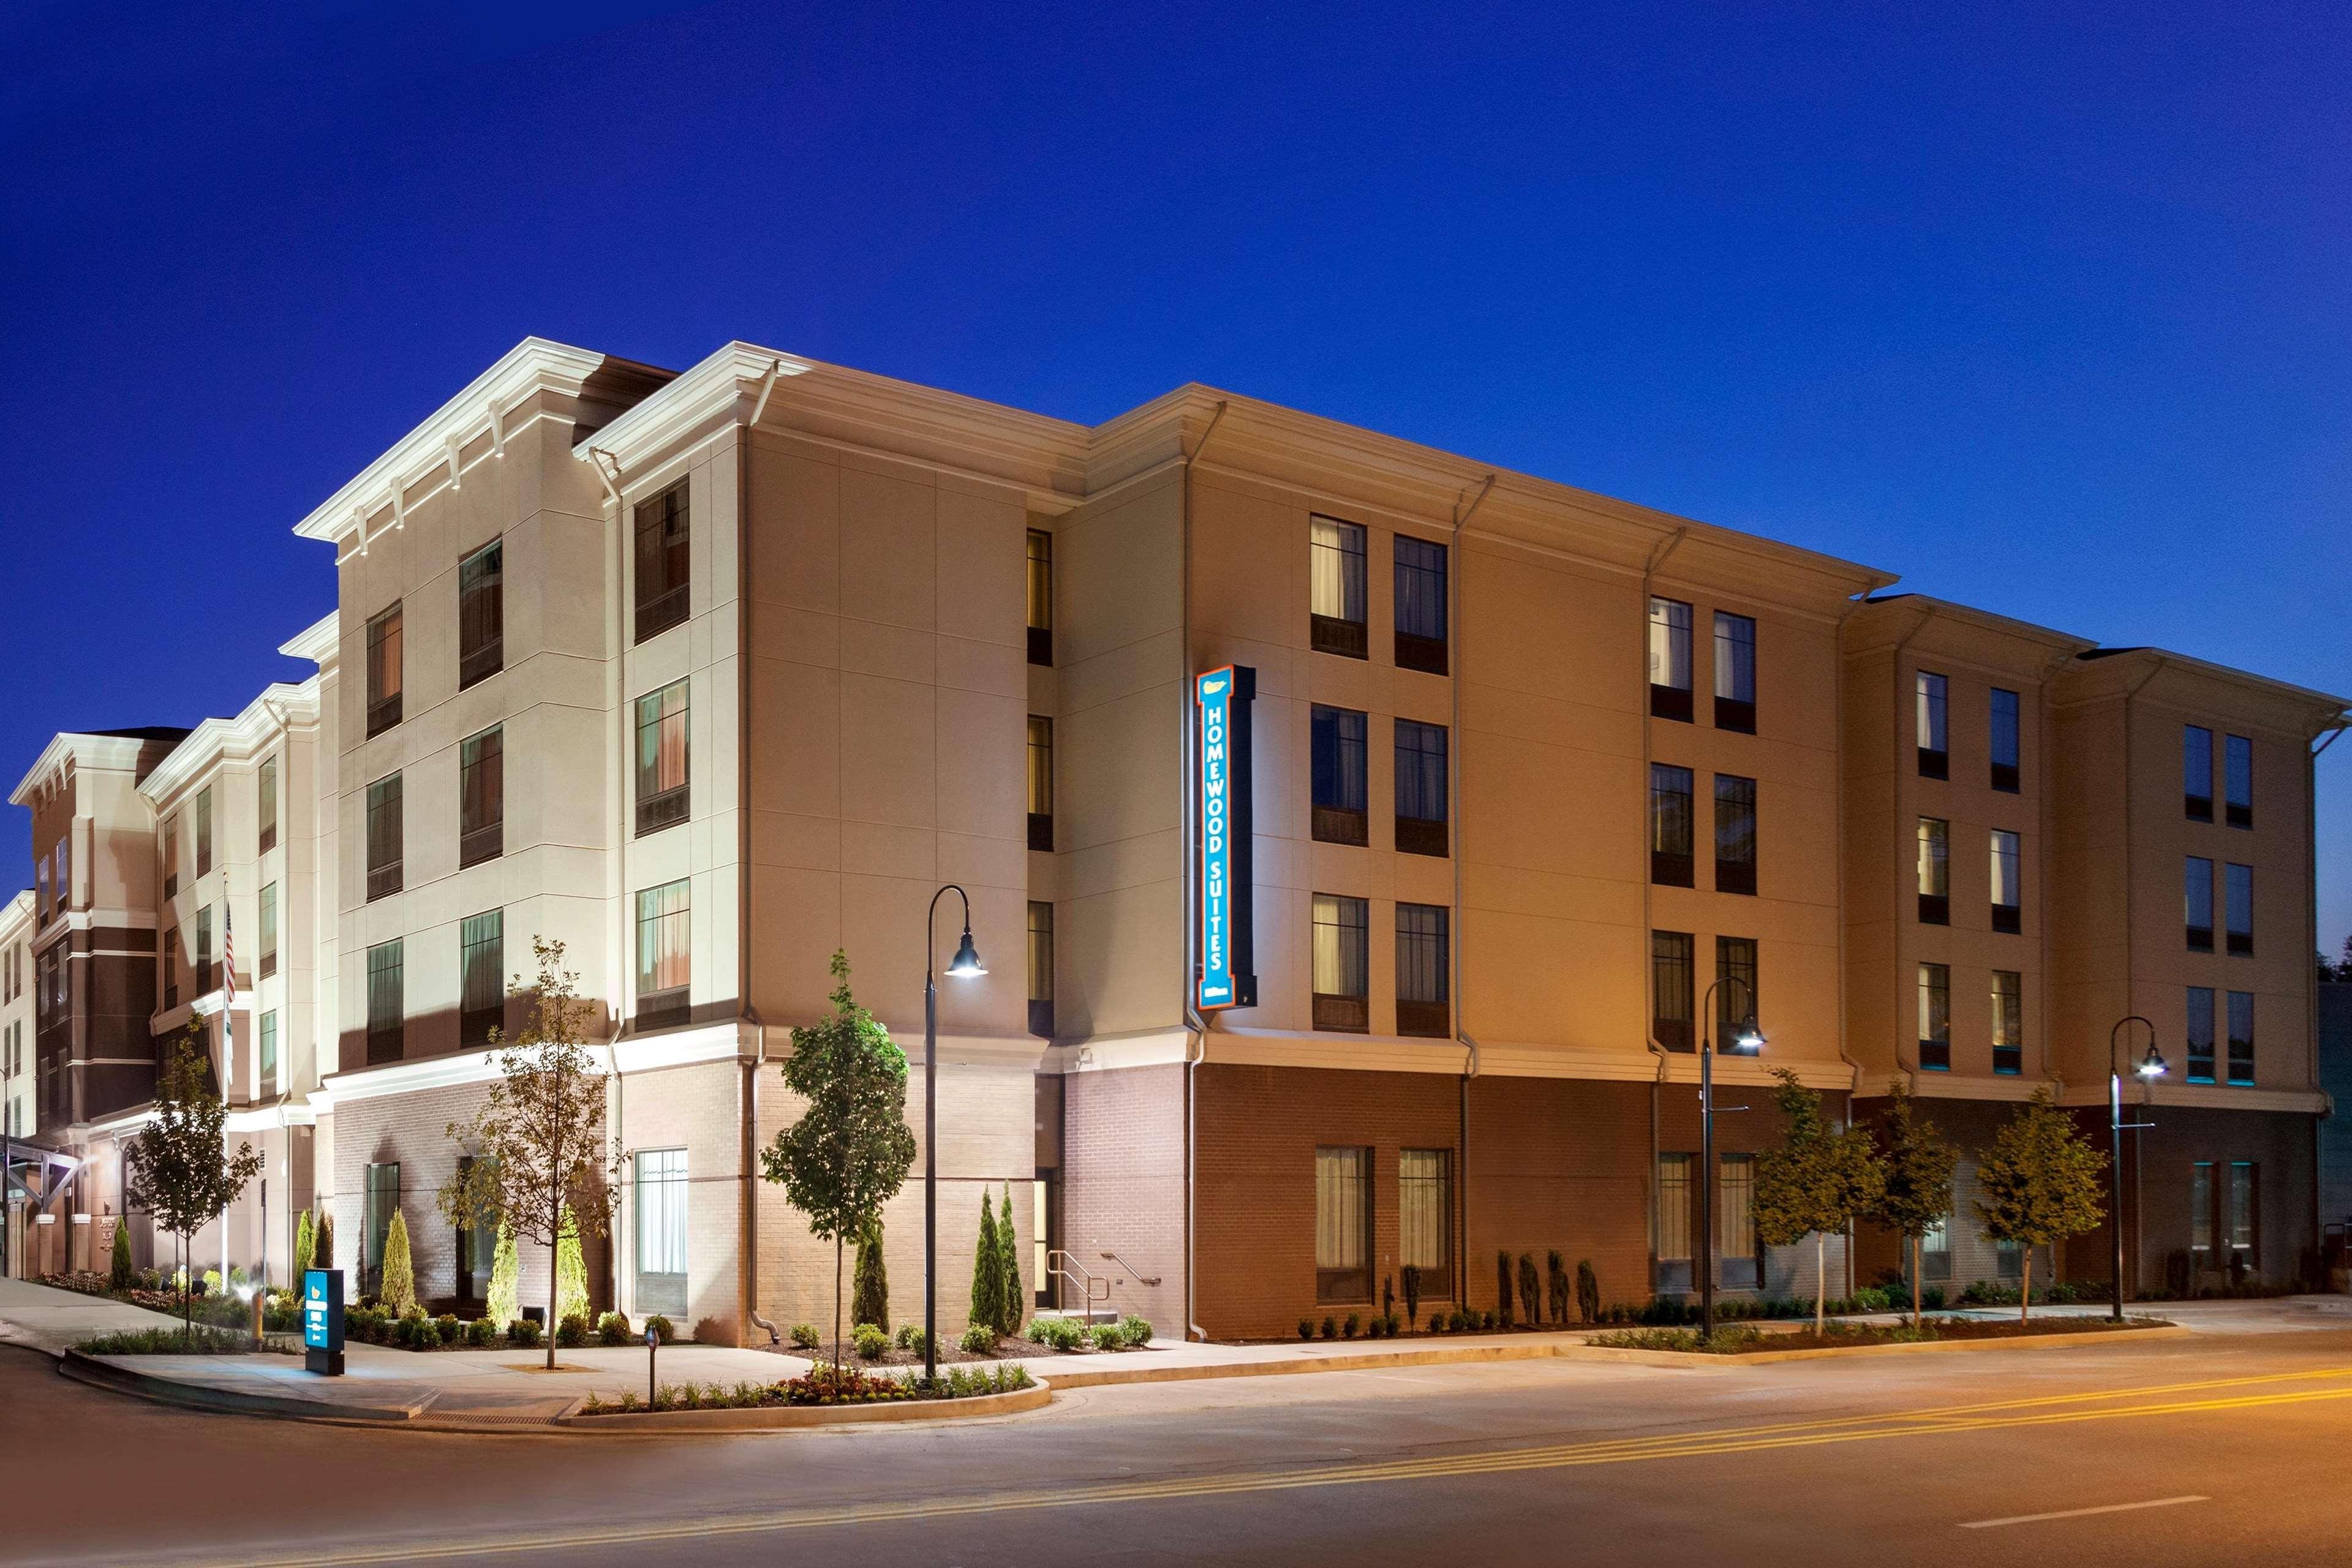 Homewood Suites by Hilton Huntsville-Downtown, AL image 18